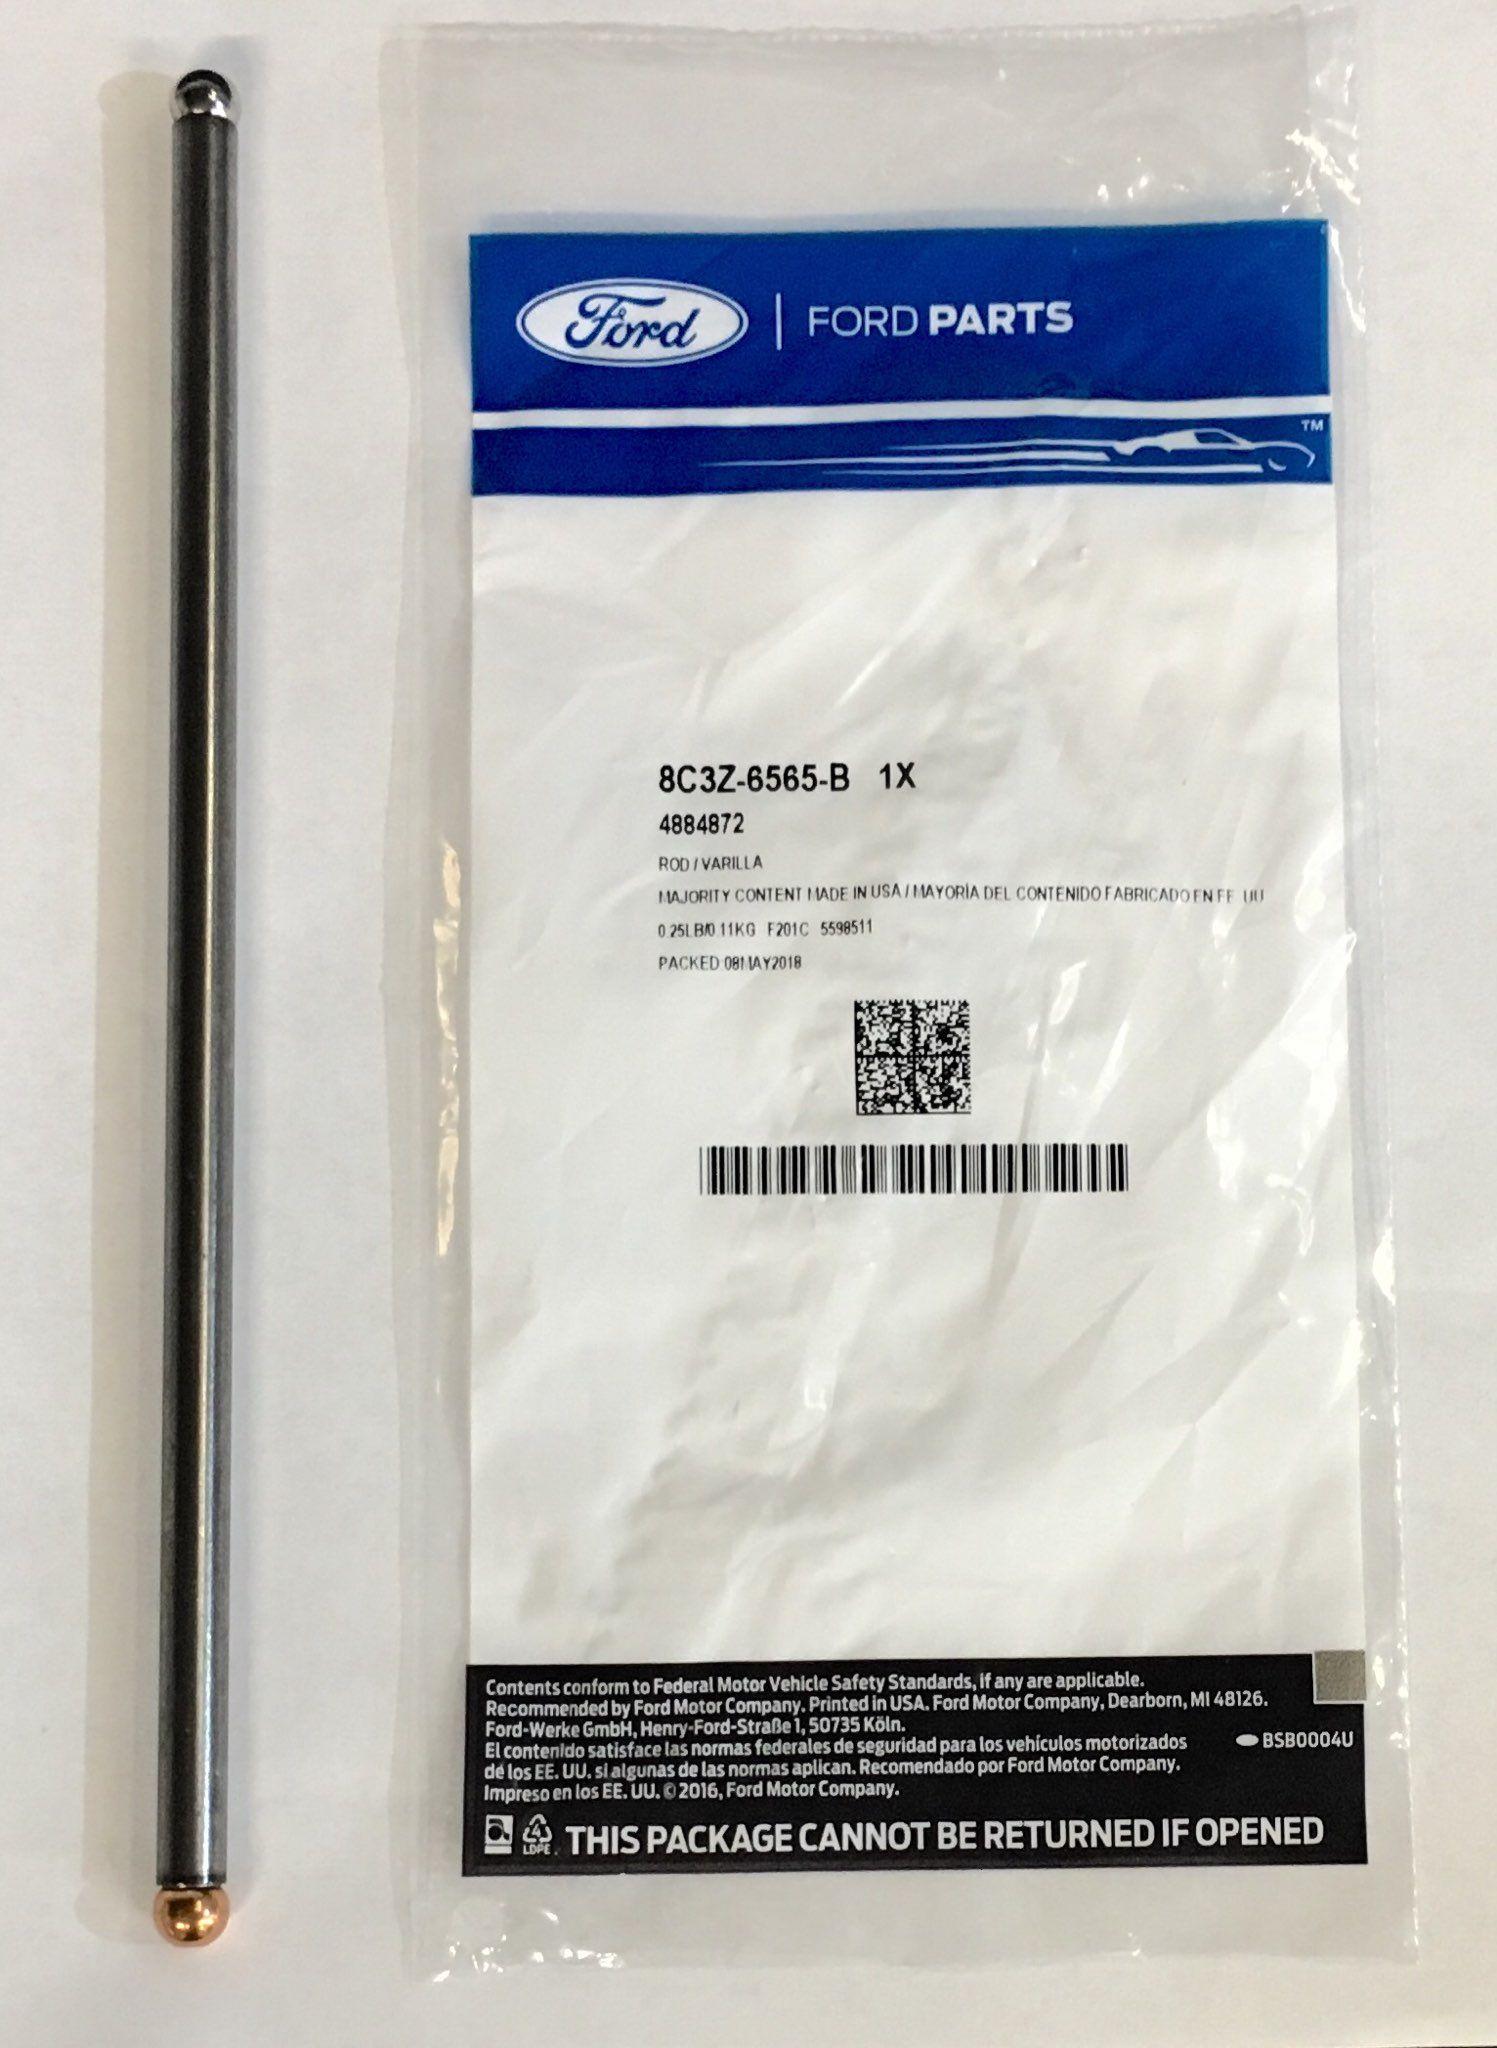 Rod - Valve Push - Ford (8C3Z-6565-B)